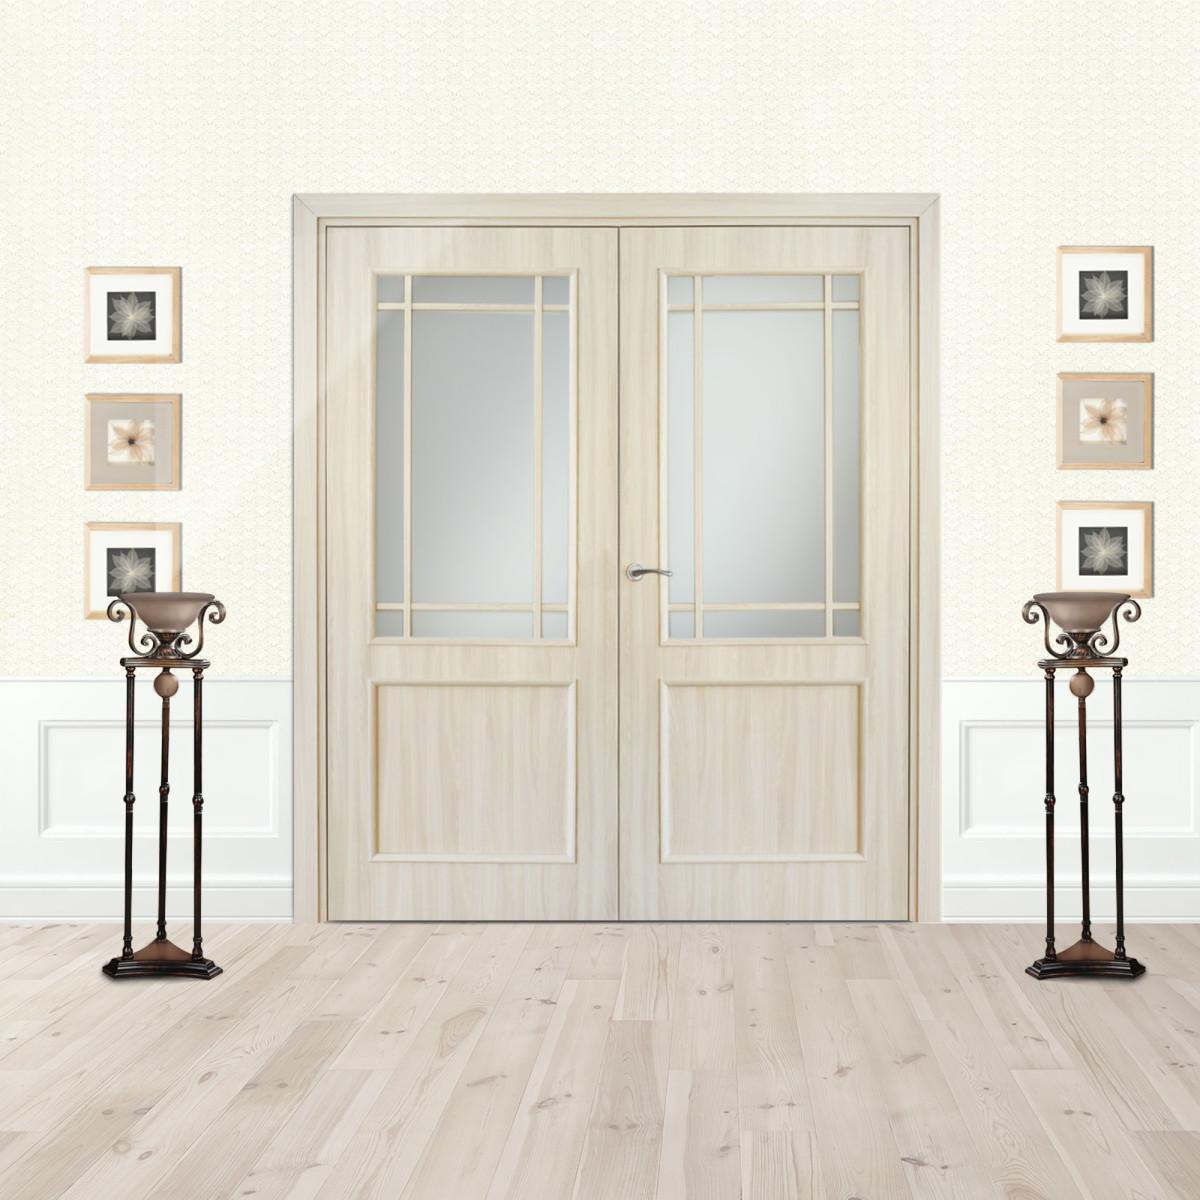 Дверь межкомнатная остеклённая Фортунато 2x60x200 см ламинация цвет ясень